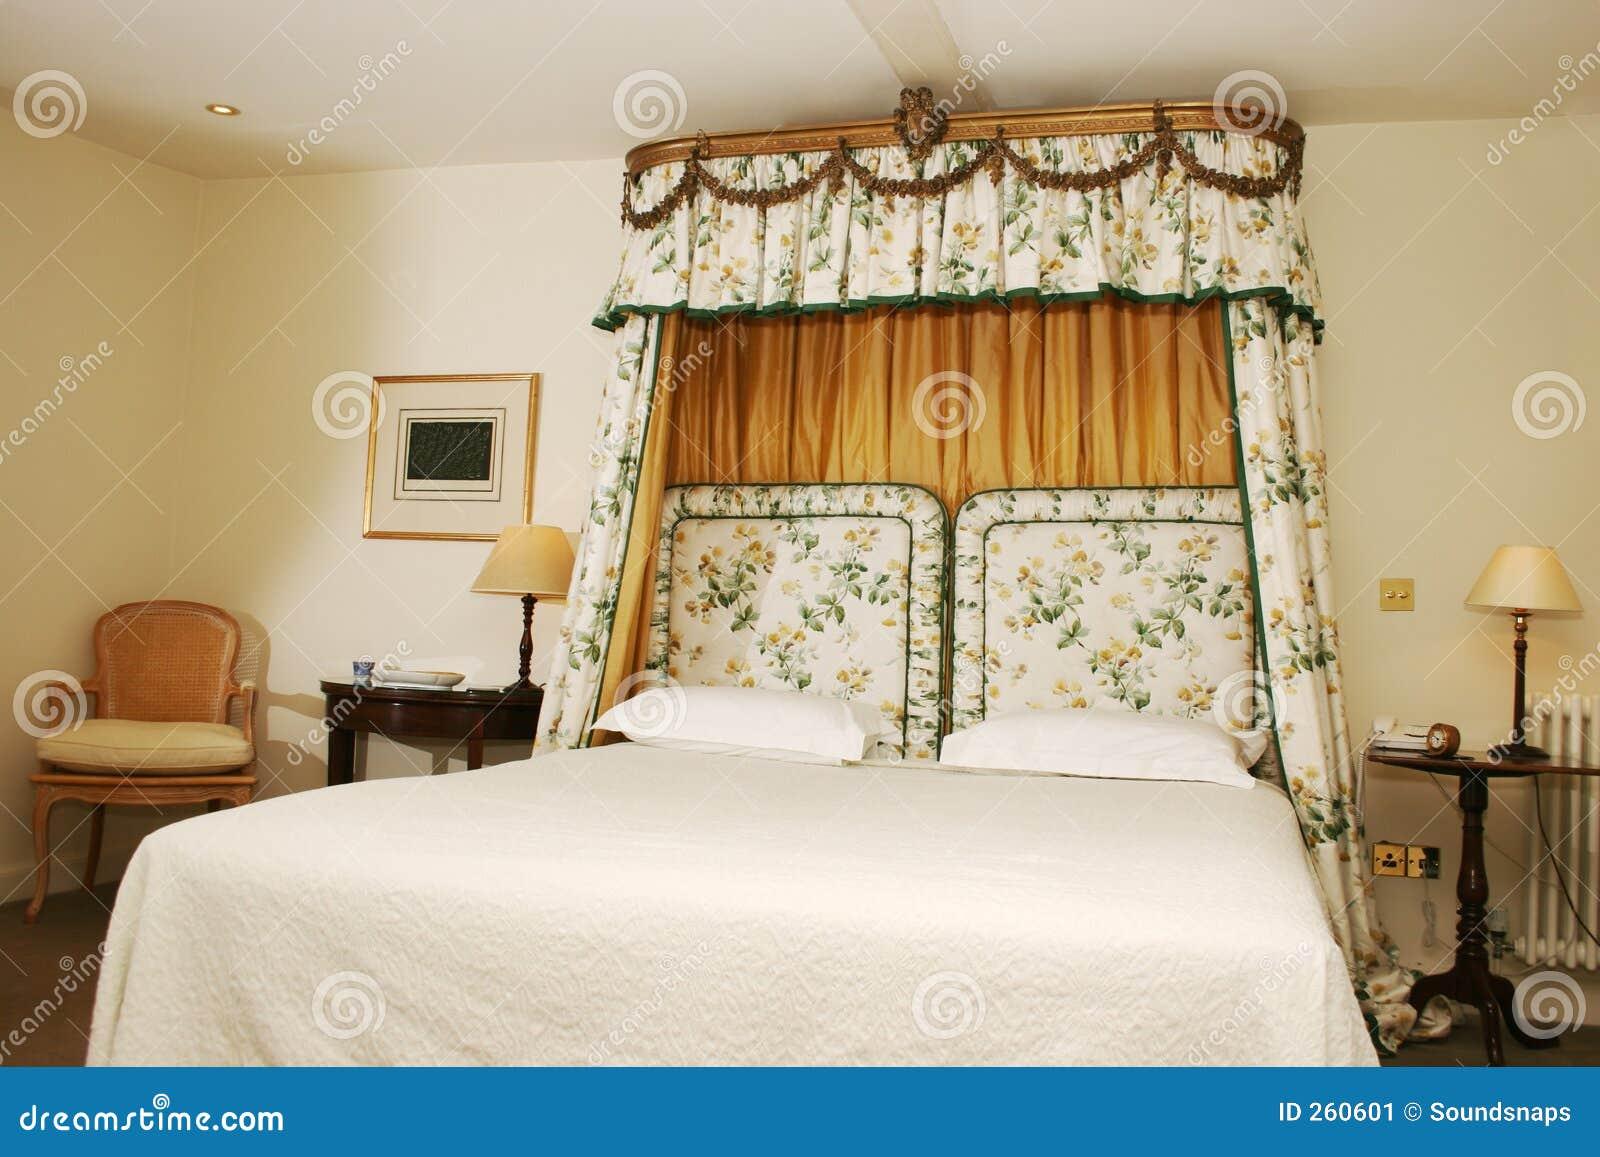 Quarto De Luxo Do Hotel Imagem de Stock Imagem: 260601 #82A328 1300x957 Banheiro De Hotel De Luxo